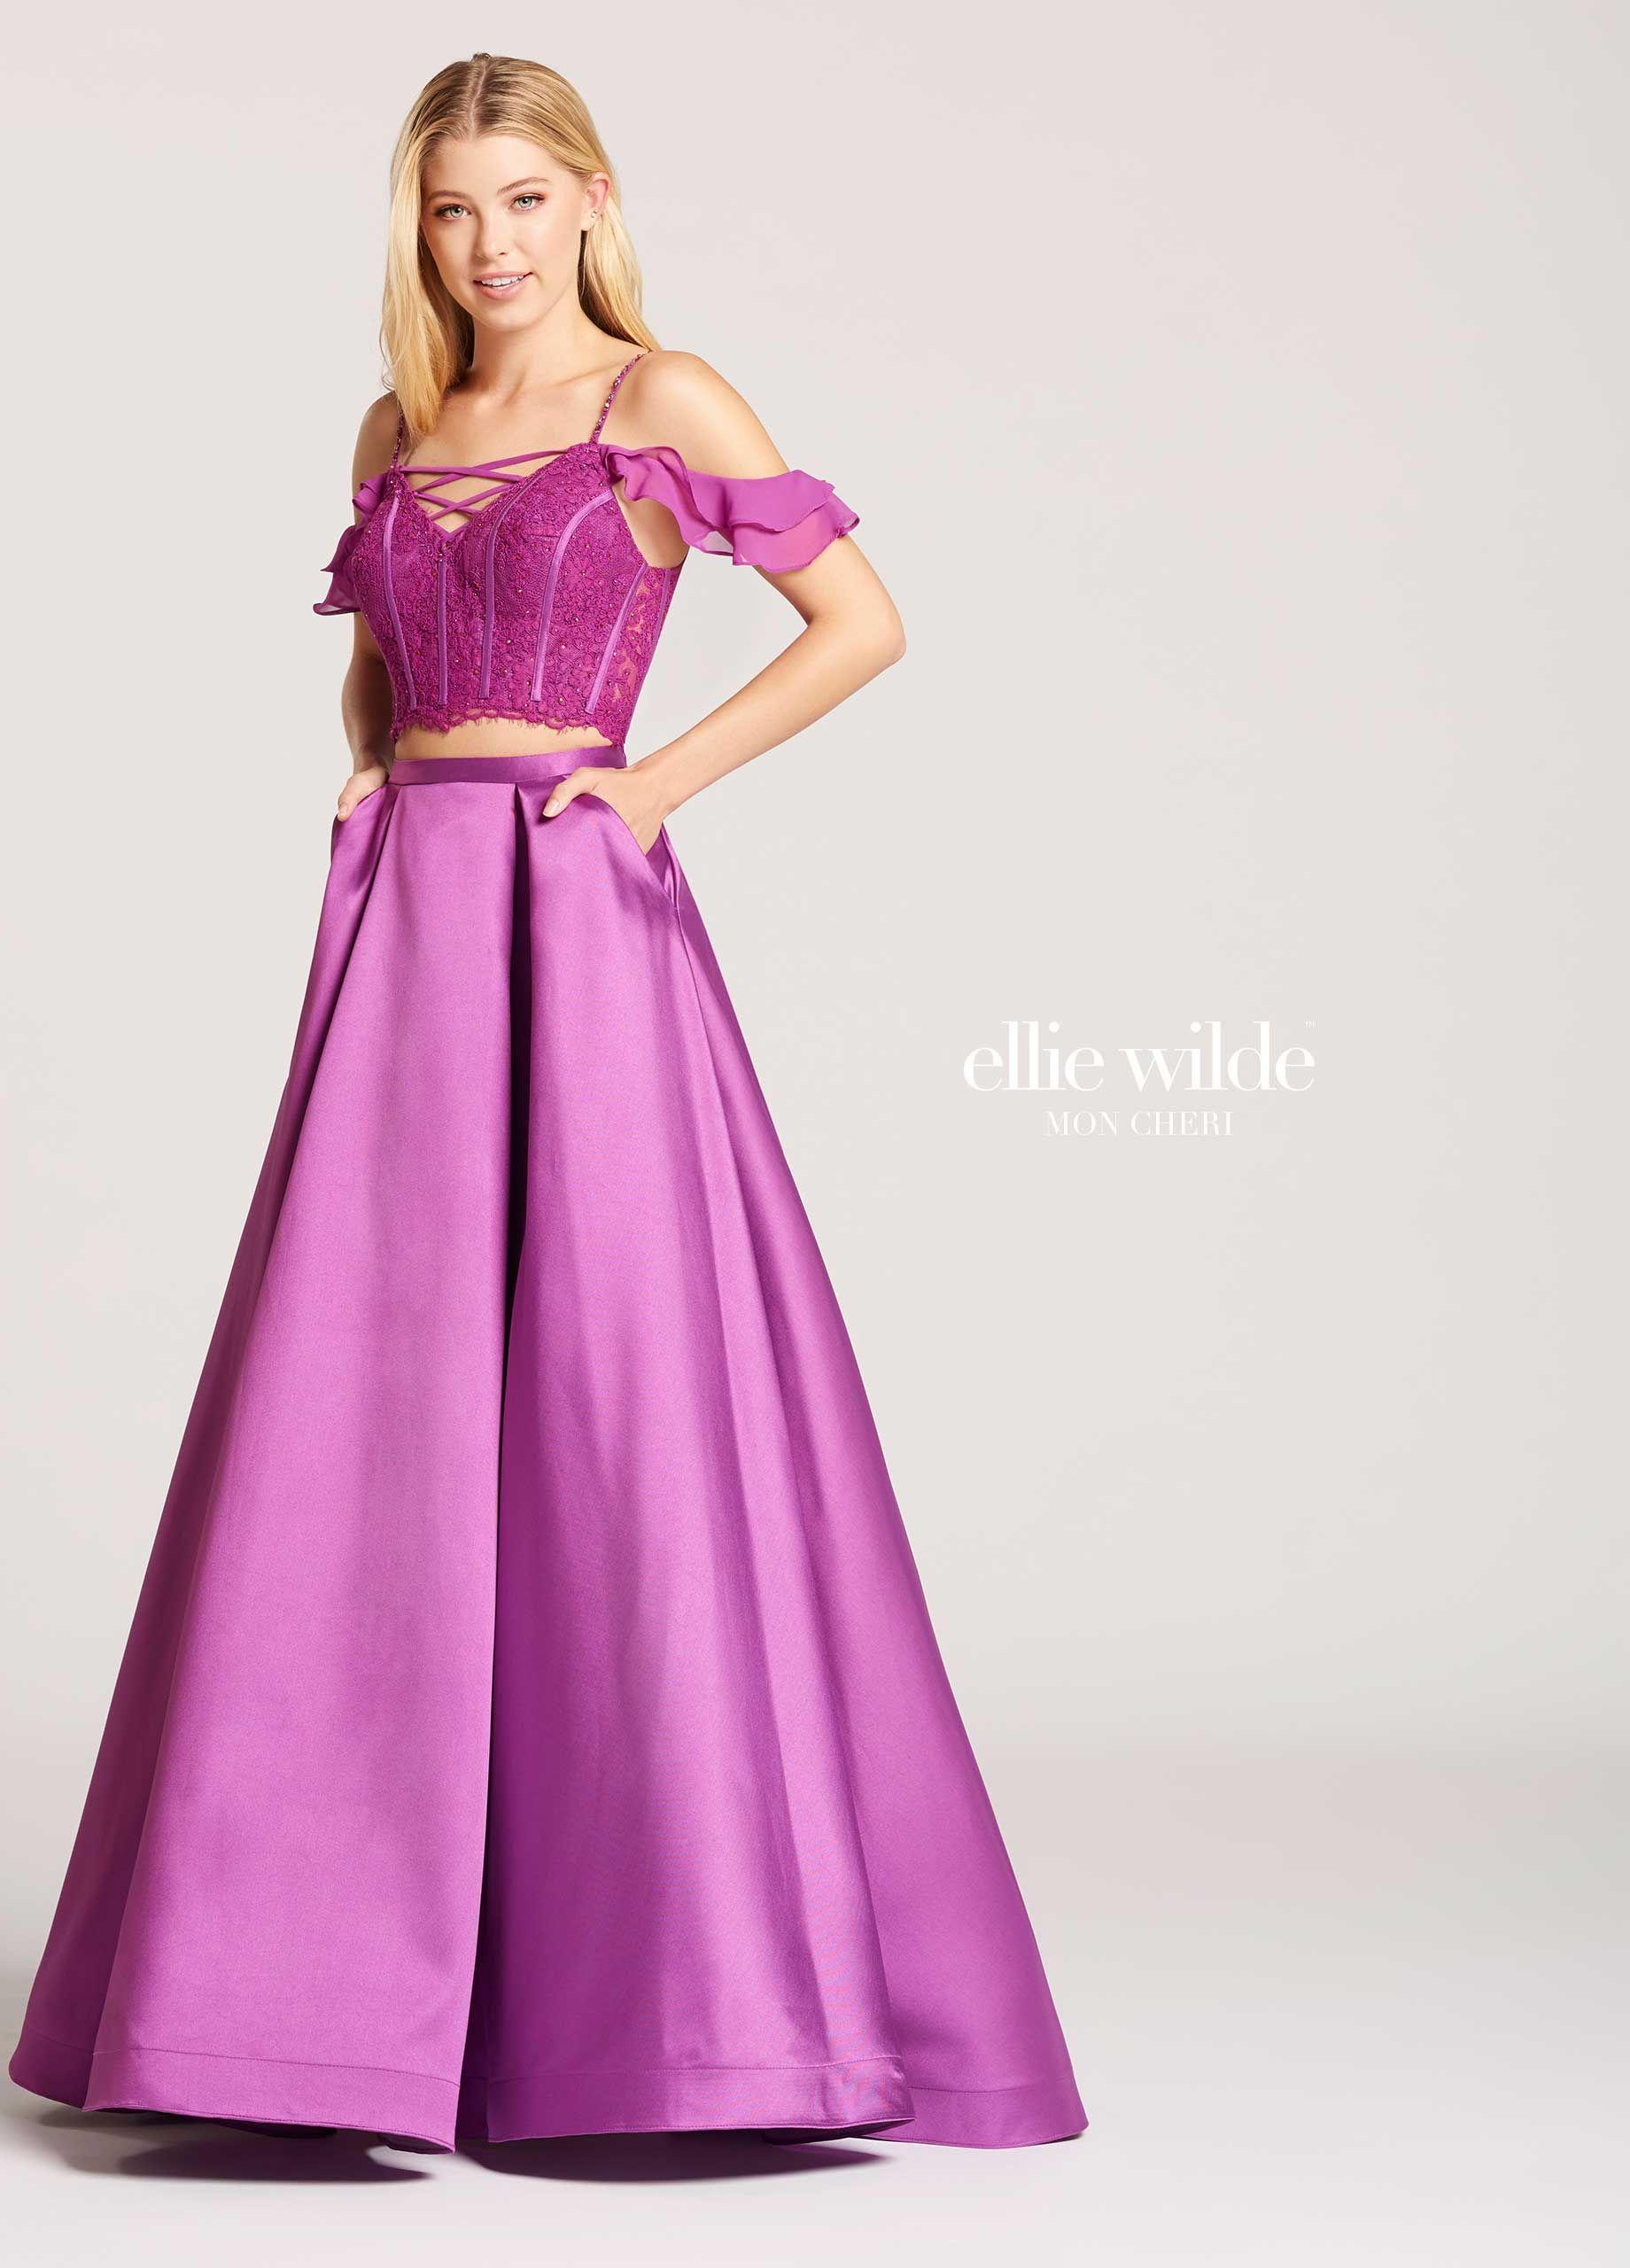 Two-Piece Mikado & Lace A-Line Prom Dress With Pockets- EW118008